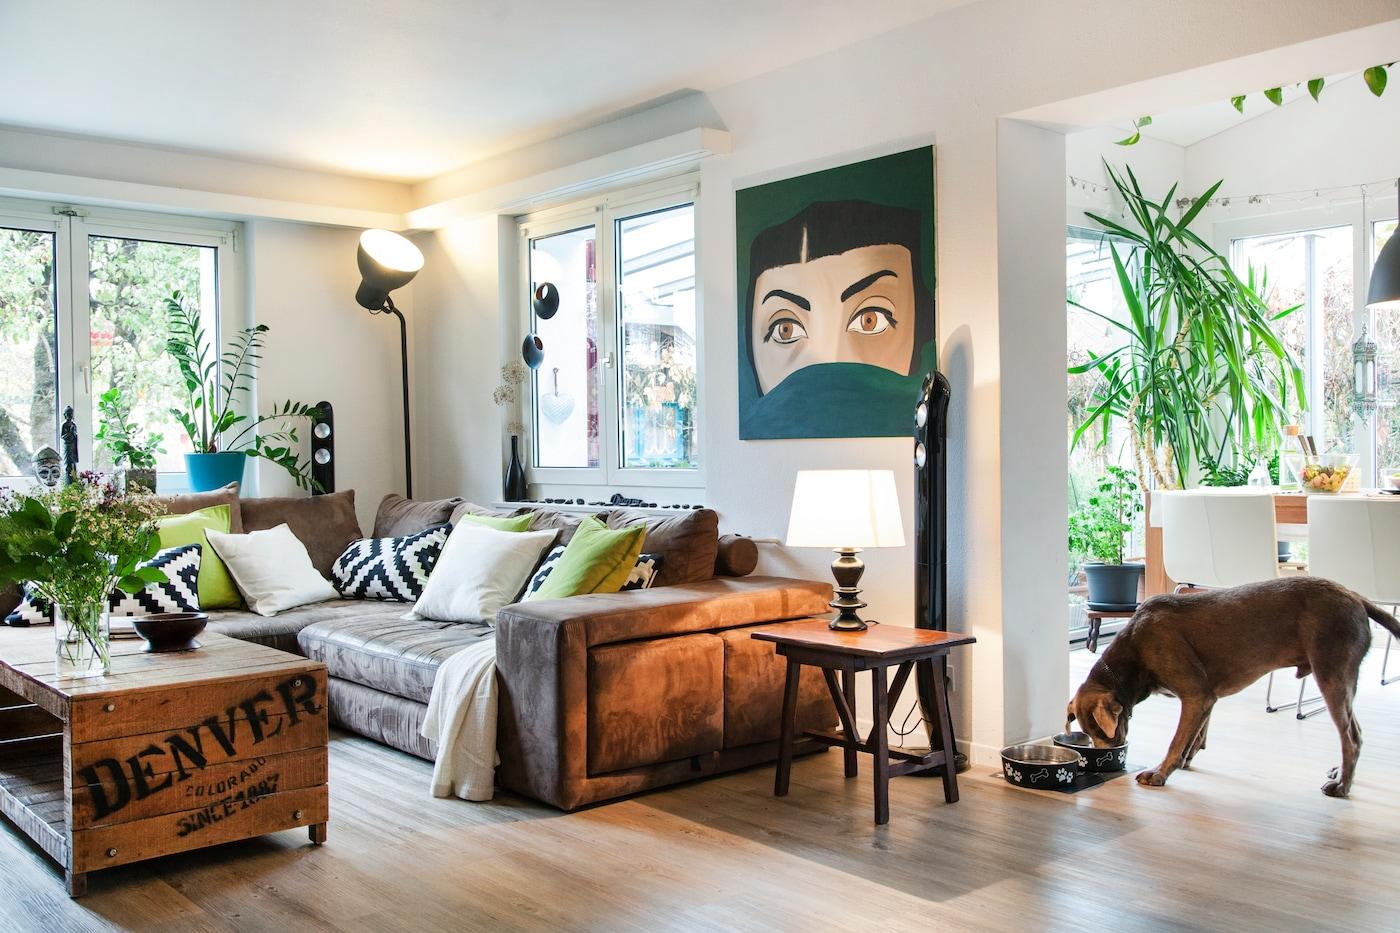 Wohnzimmer mit Ledersofa, Beistelltisch und IKEA HEKTAR Lampe im Hintergrund